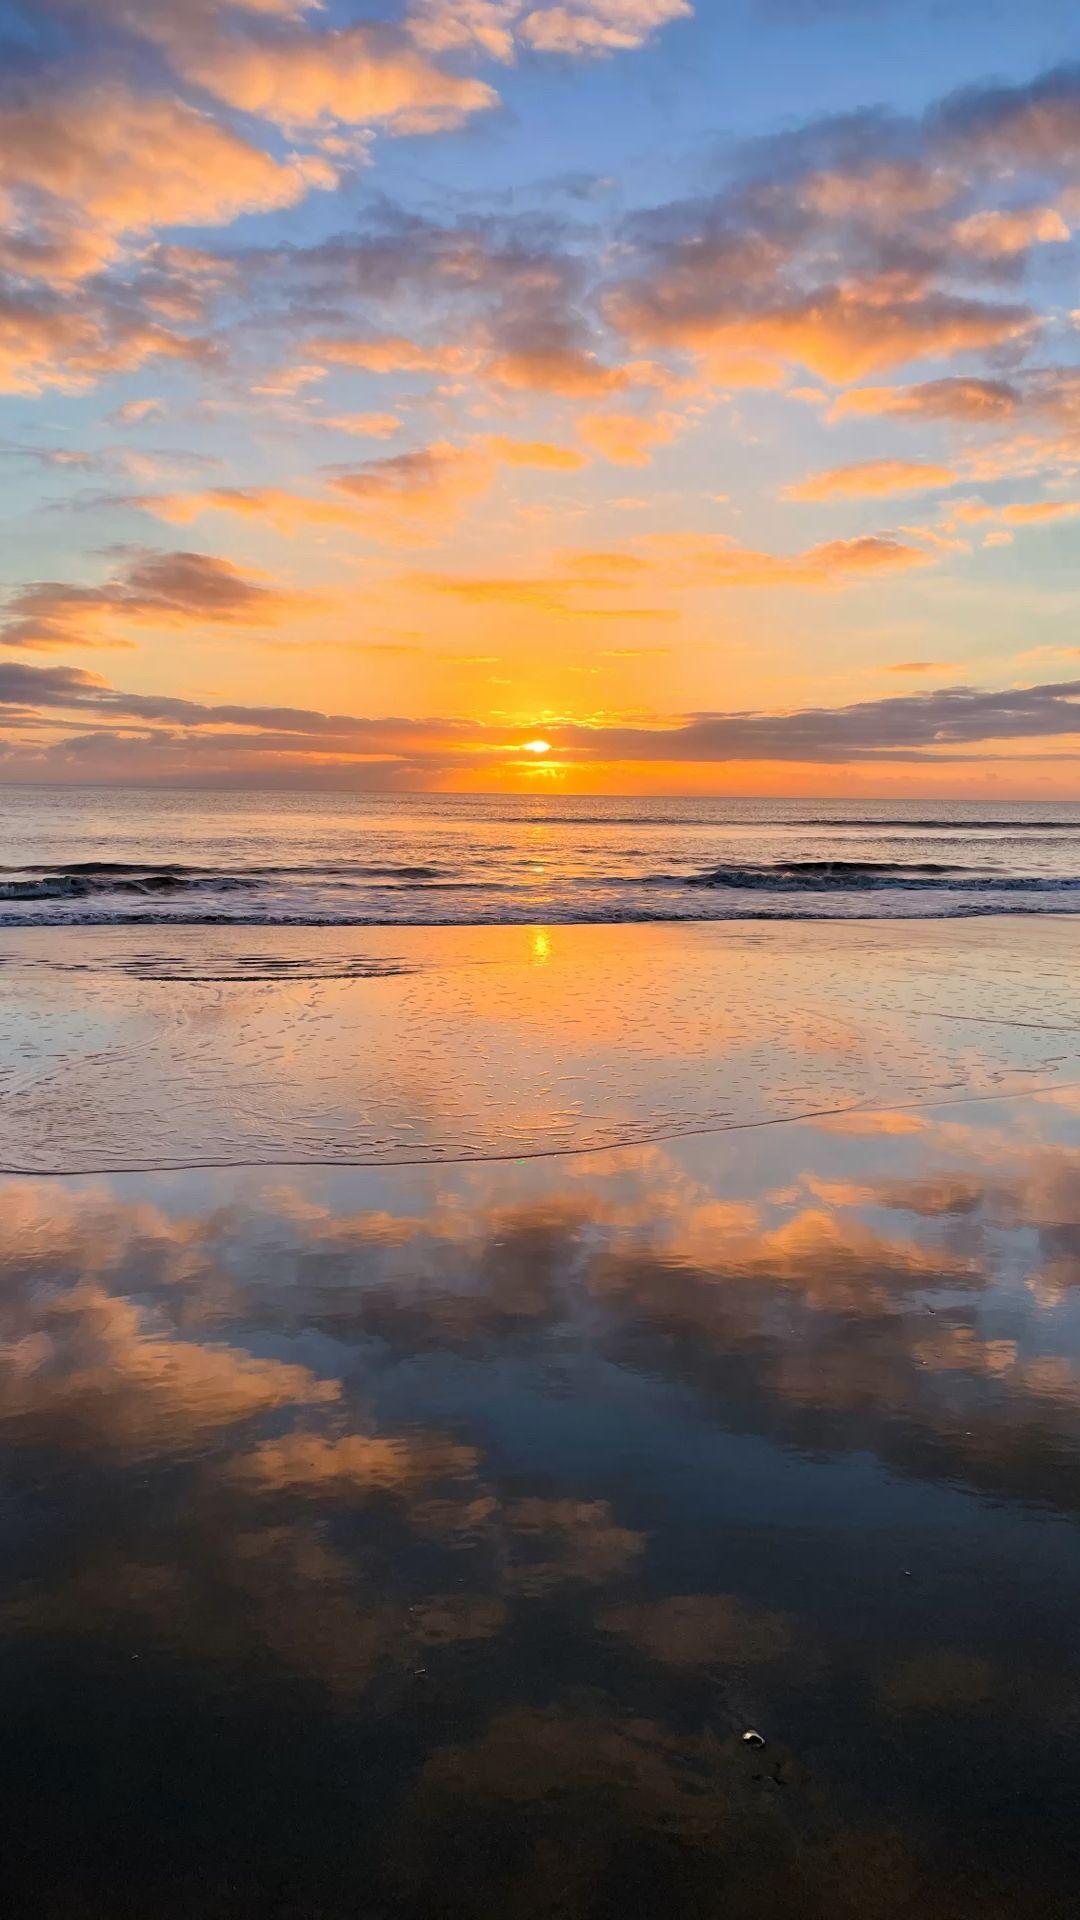 Sunrise on the beach 🏝